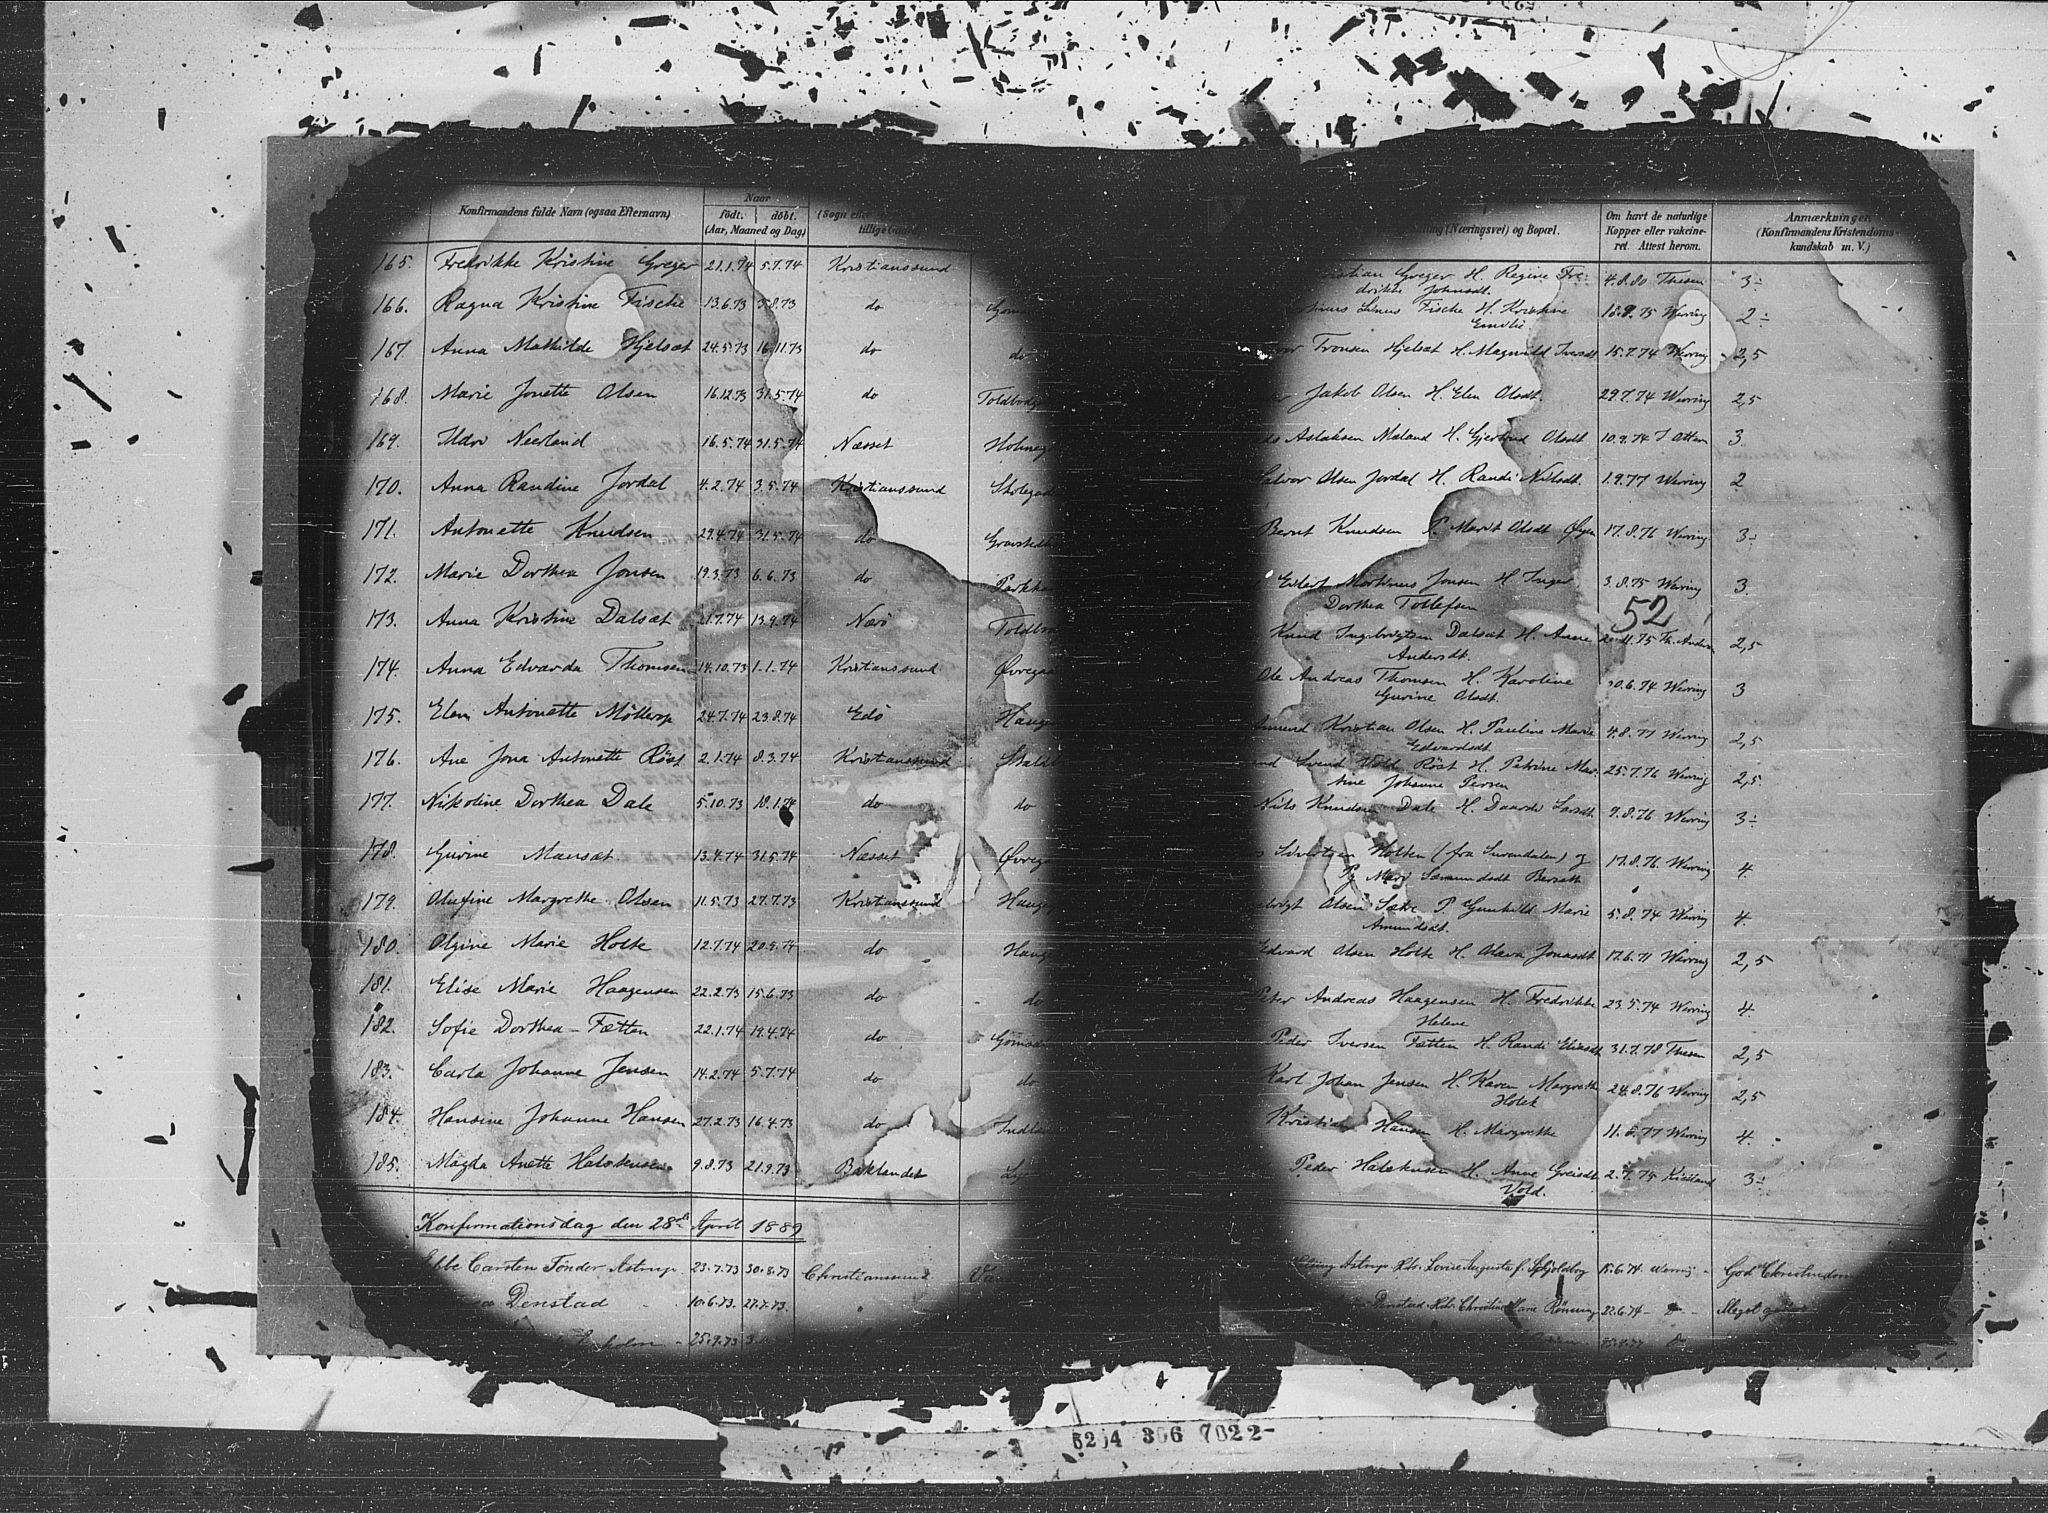 SAT, Ministerialprotokoller, klokkerbøker og fødselsregistre - Møre og Romsdal, 572/L0852: Ministerialbok nr. 572A15, 1880-1900, s. 52